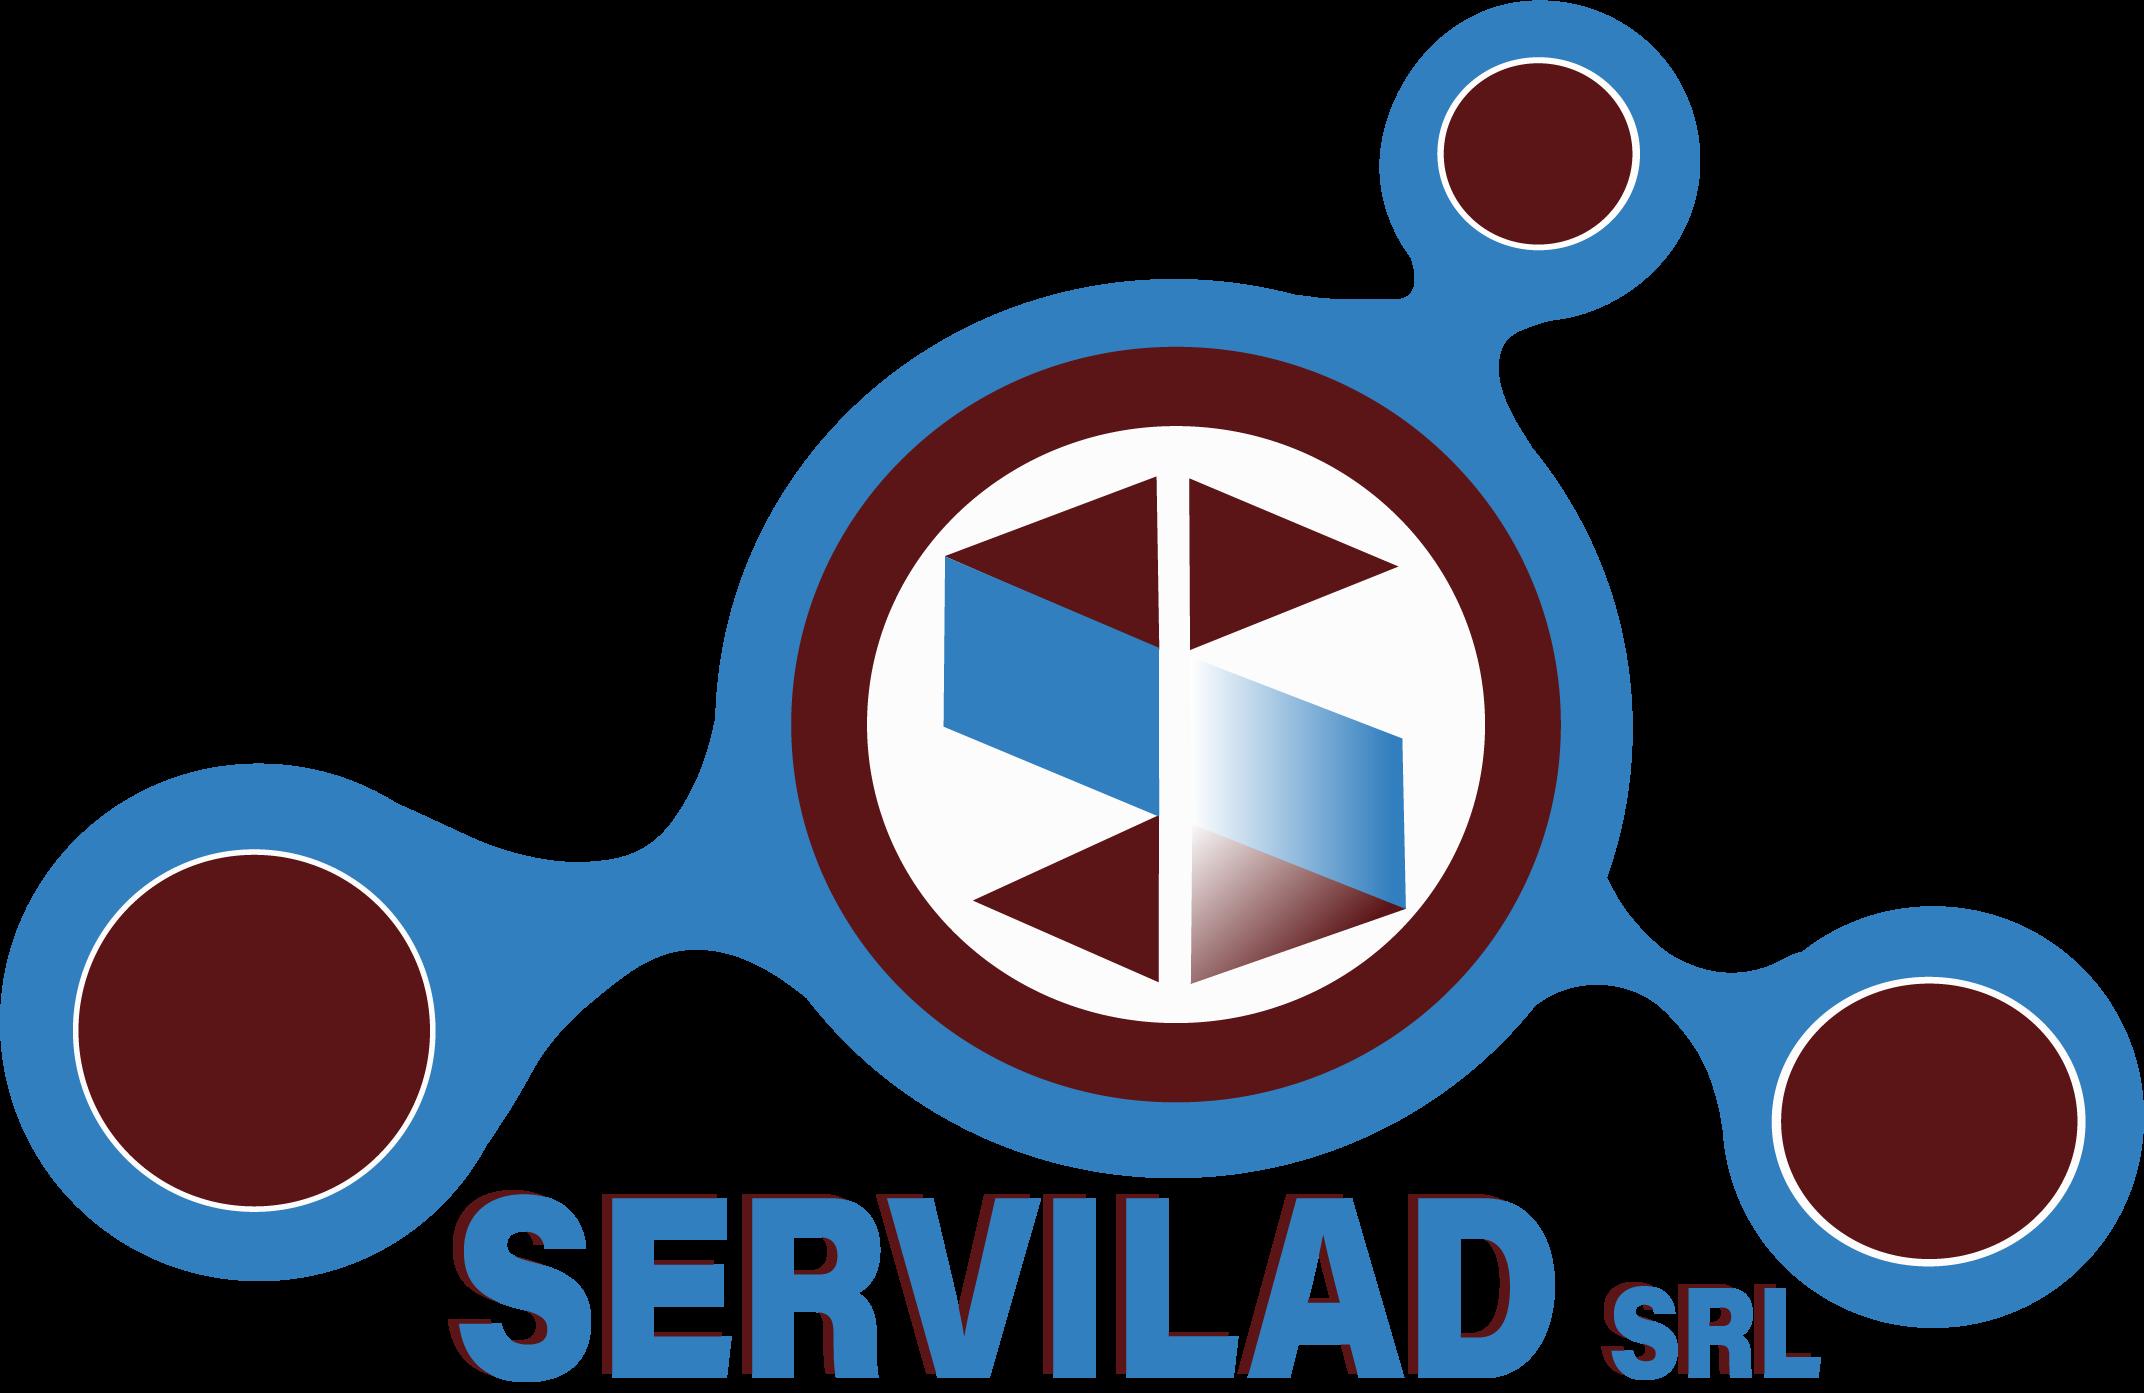 SERVILAD